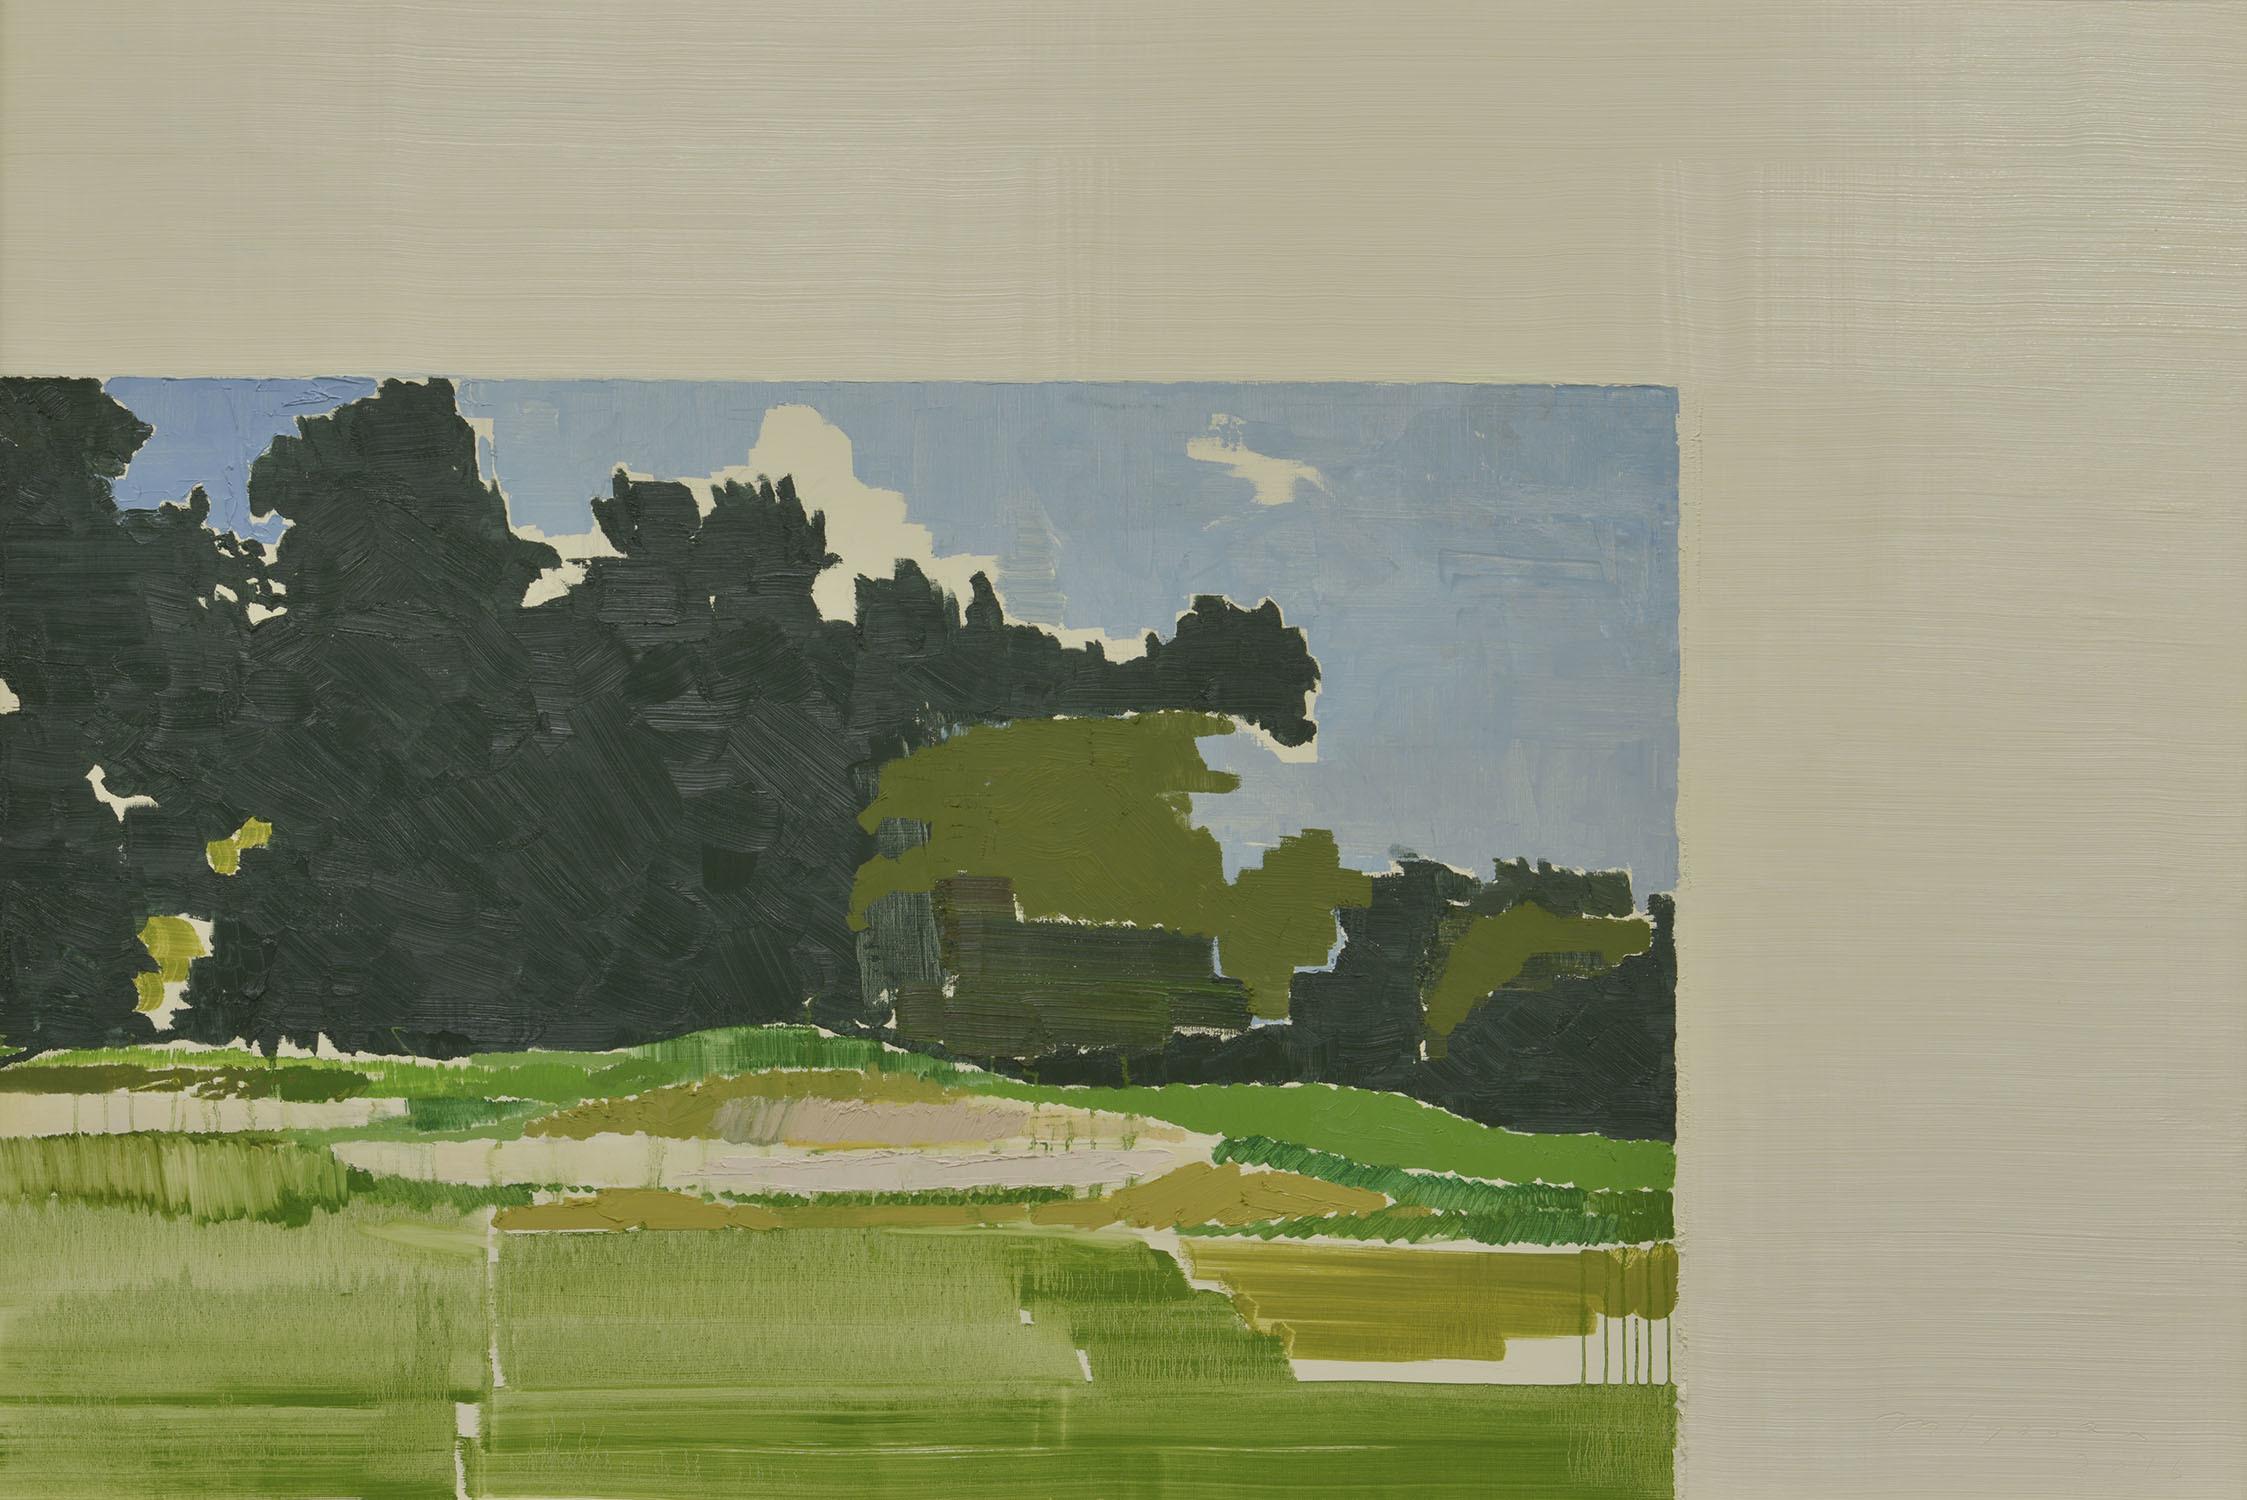 宮岡 俊夫(みやおか としお) 《Landscape》2016 年 油彩・キャンバス 132.7×196.2 ㎝ 1984 年生まれ